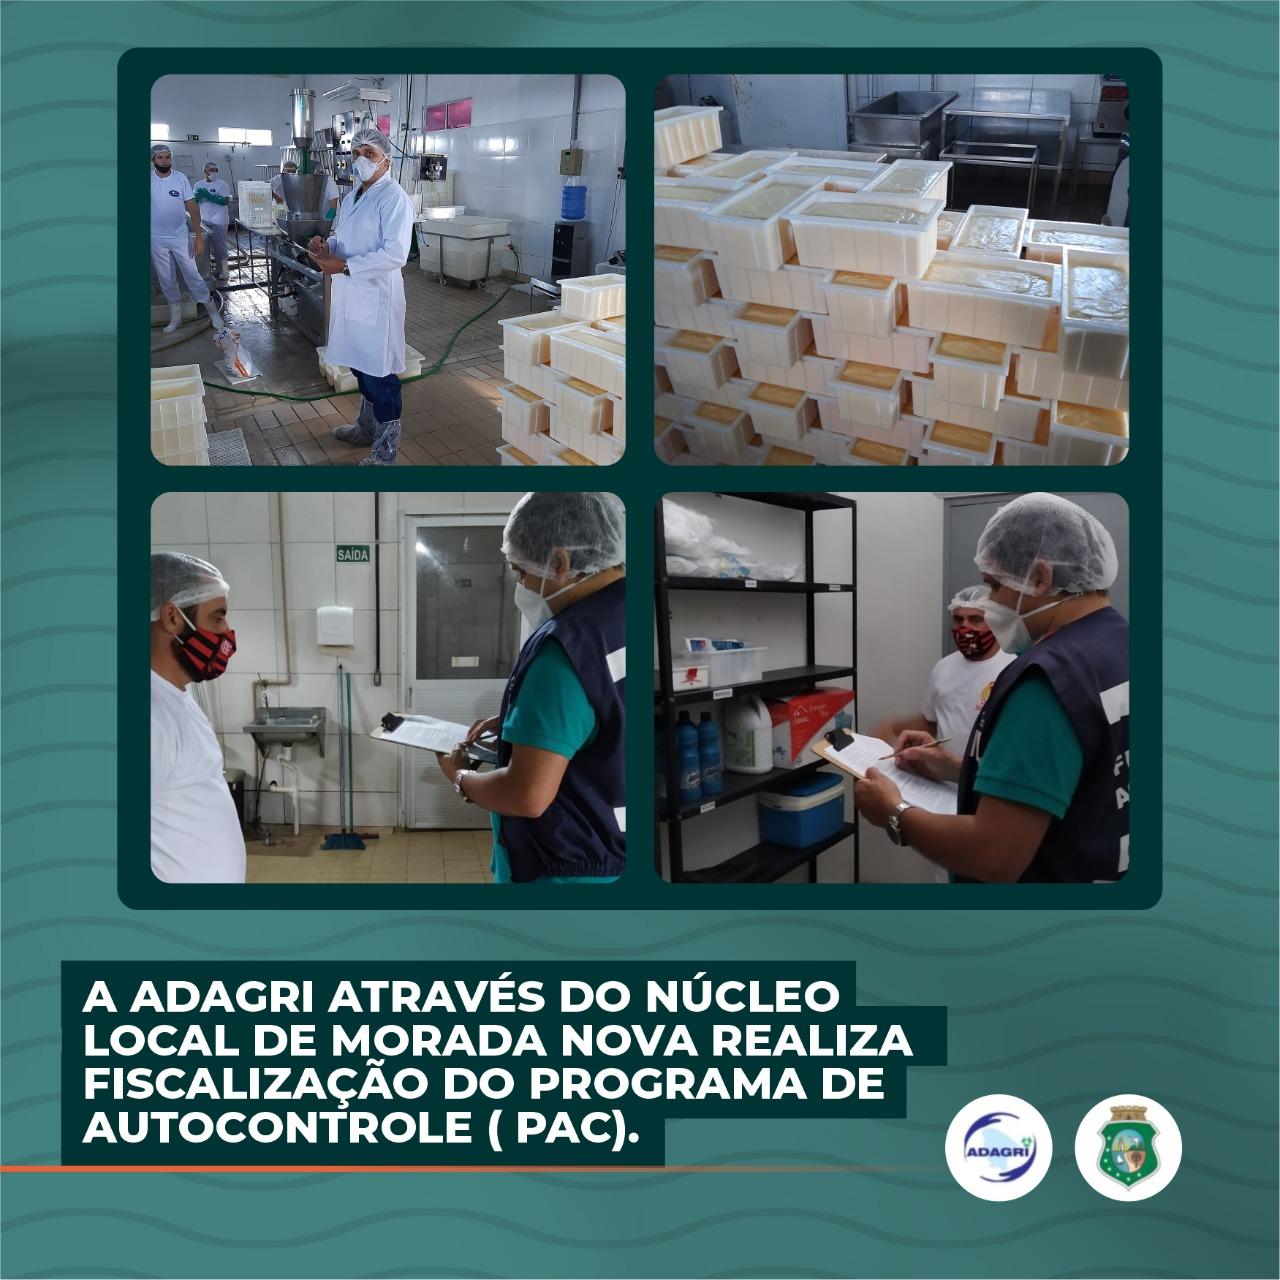 A ADAGRI através do Núcleo Local de Morada Nova realiza fiscalização do Programa de Autocontrole ( PAC)